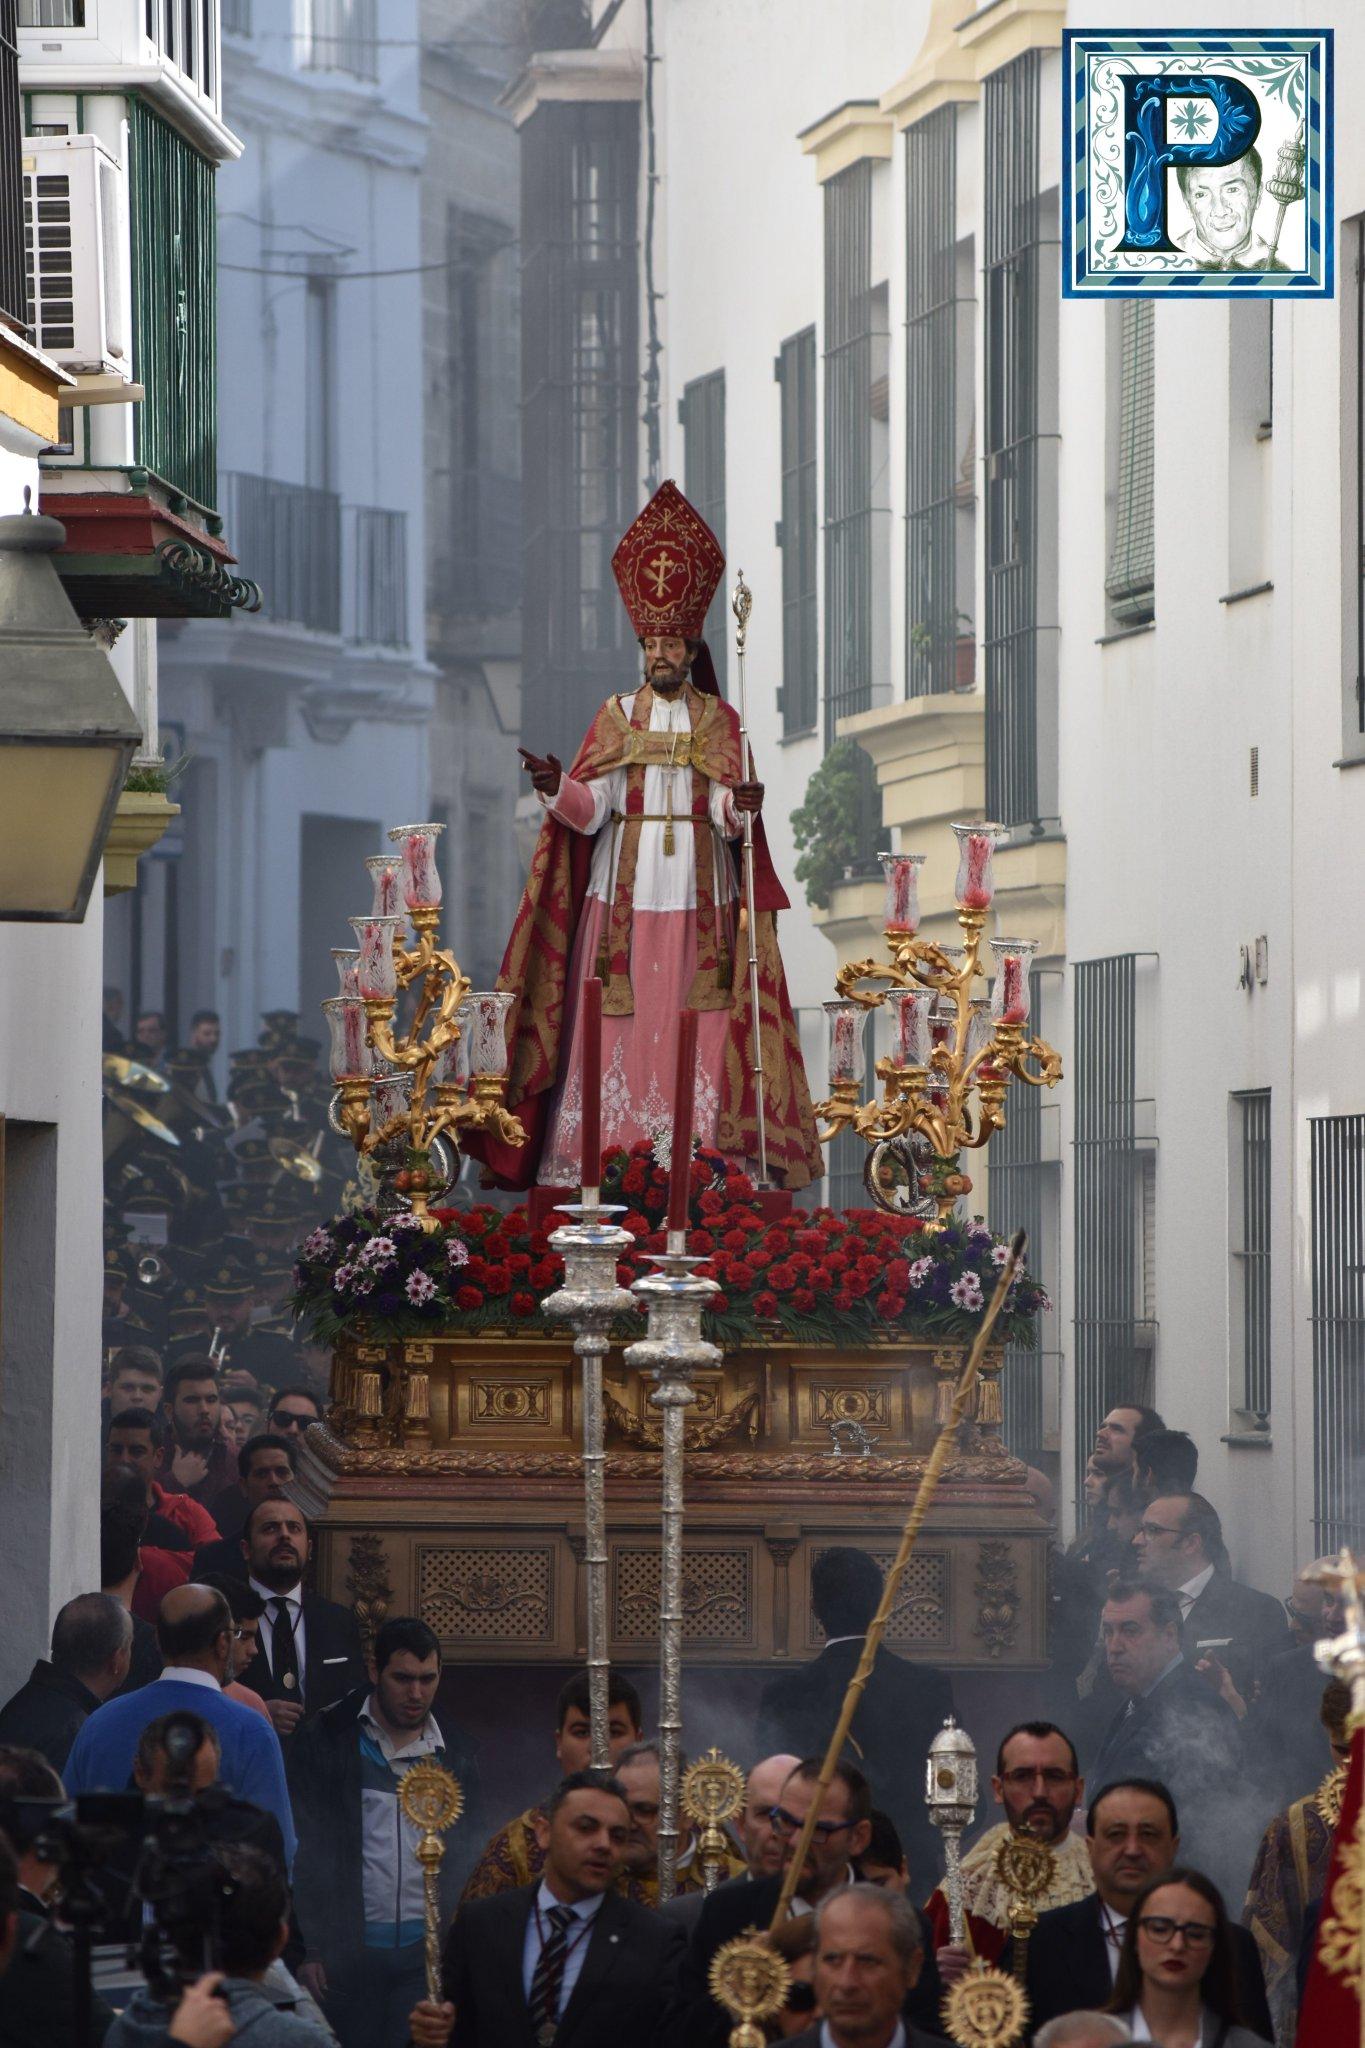 La procesión de San Blas desde el objetivo de Lucas Álvarez